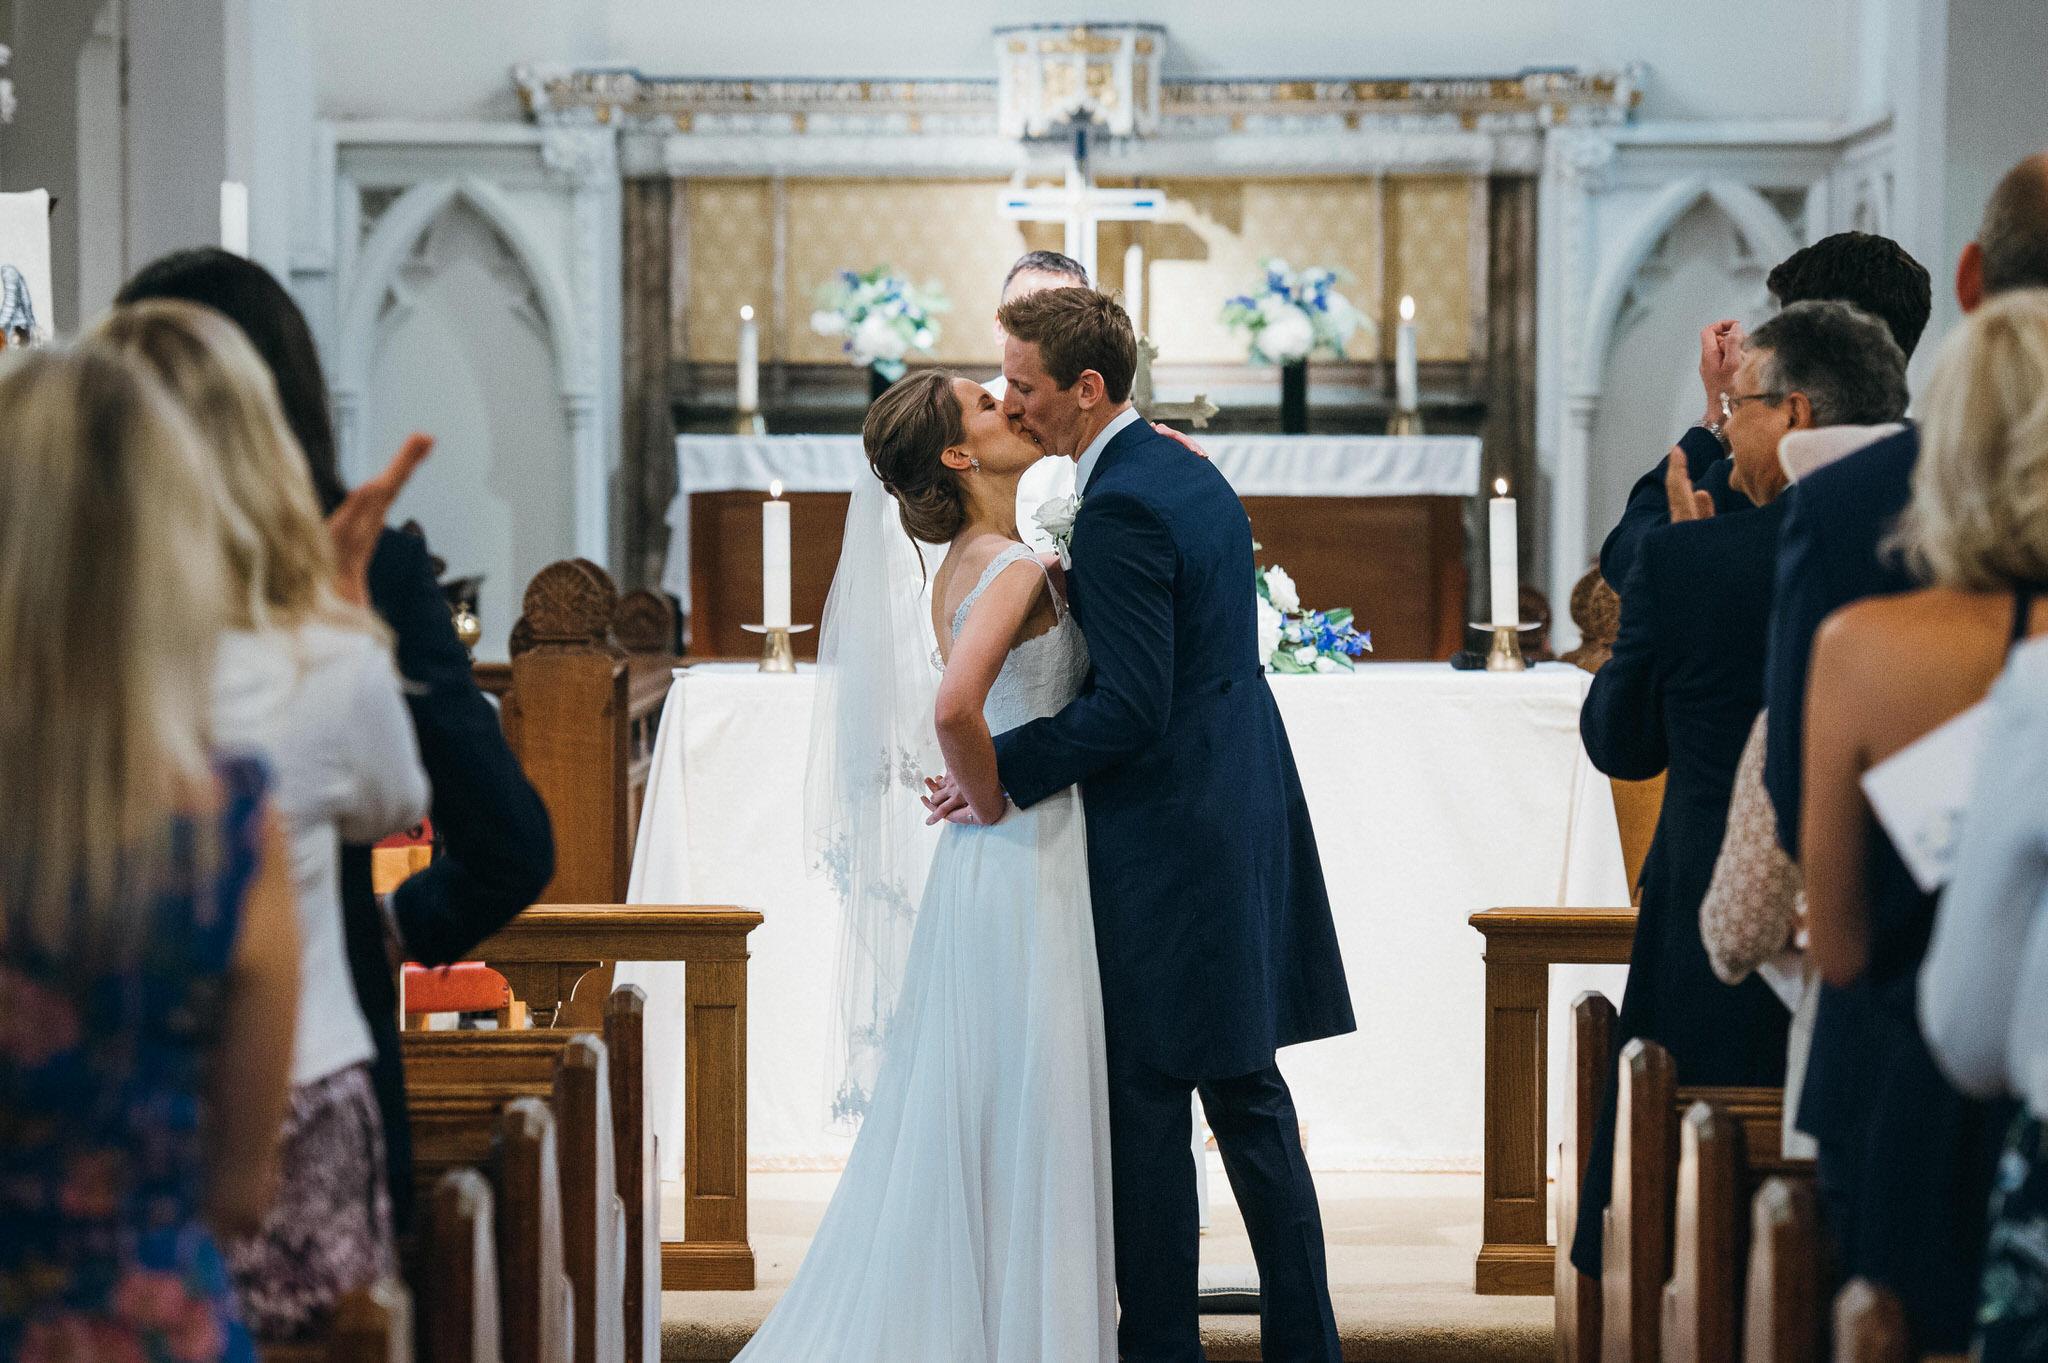 Church wedding first kiss